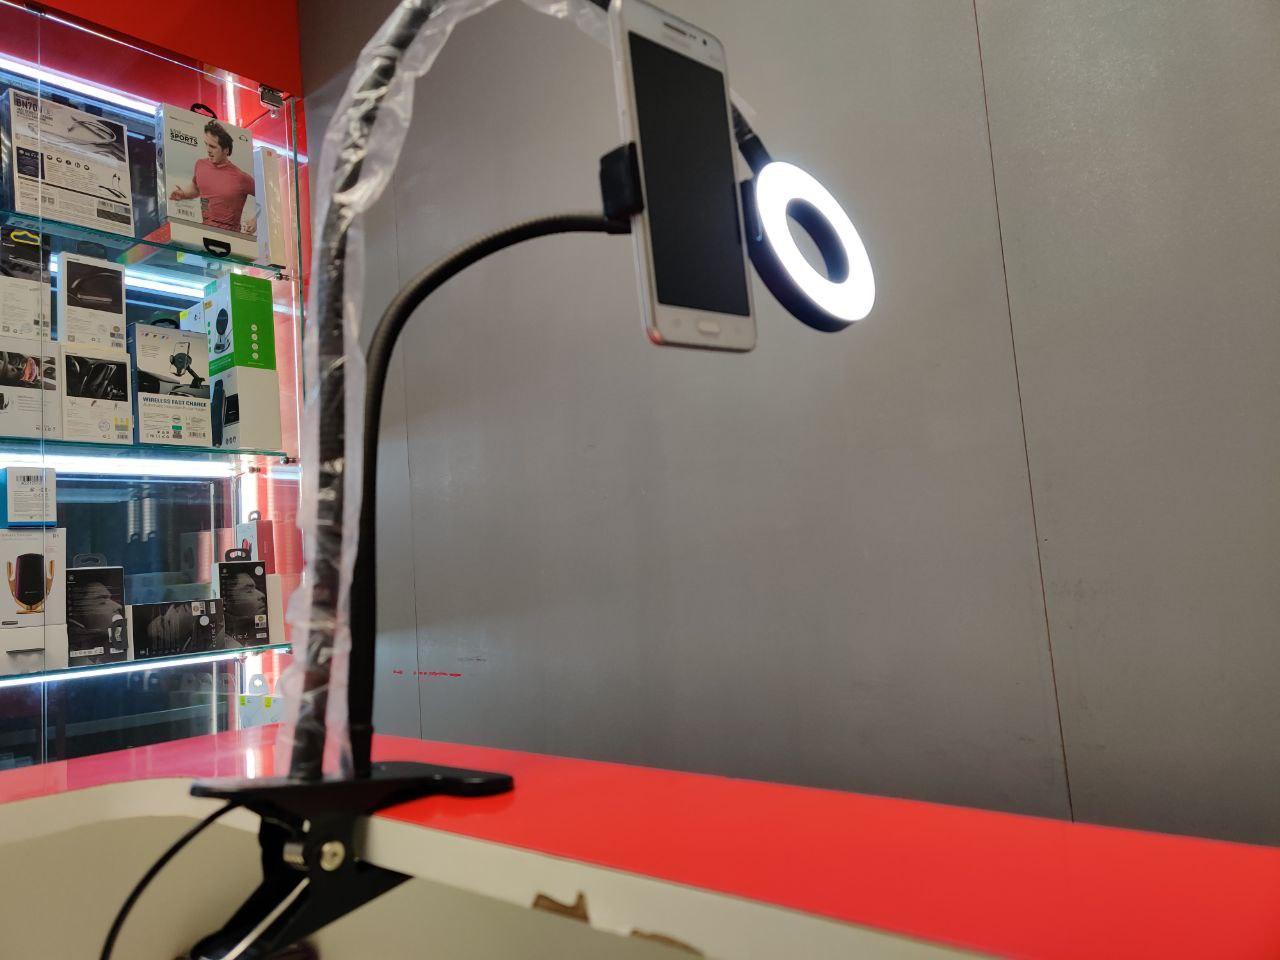 Лампа кольцевая с держателем для смартфона в Москве 89771038898 купить 5